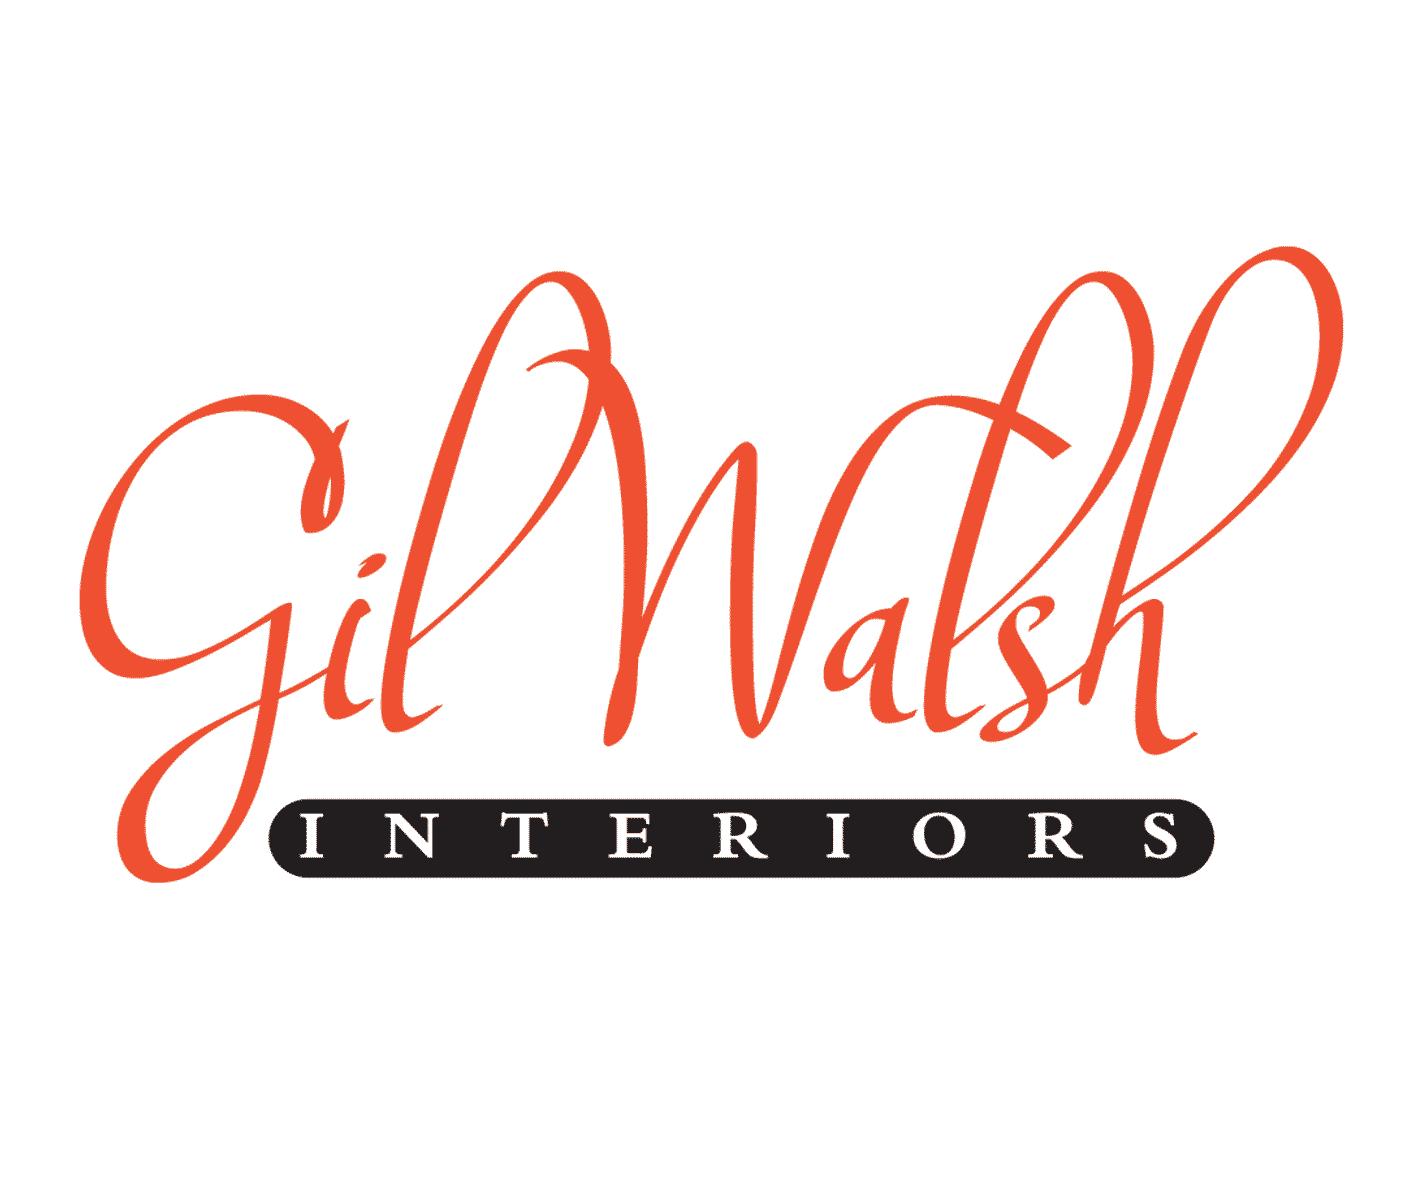 gil-walsh-interiors